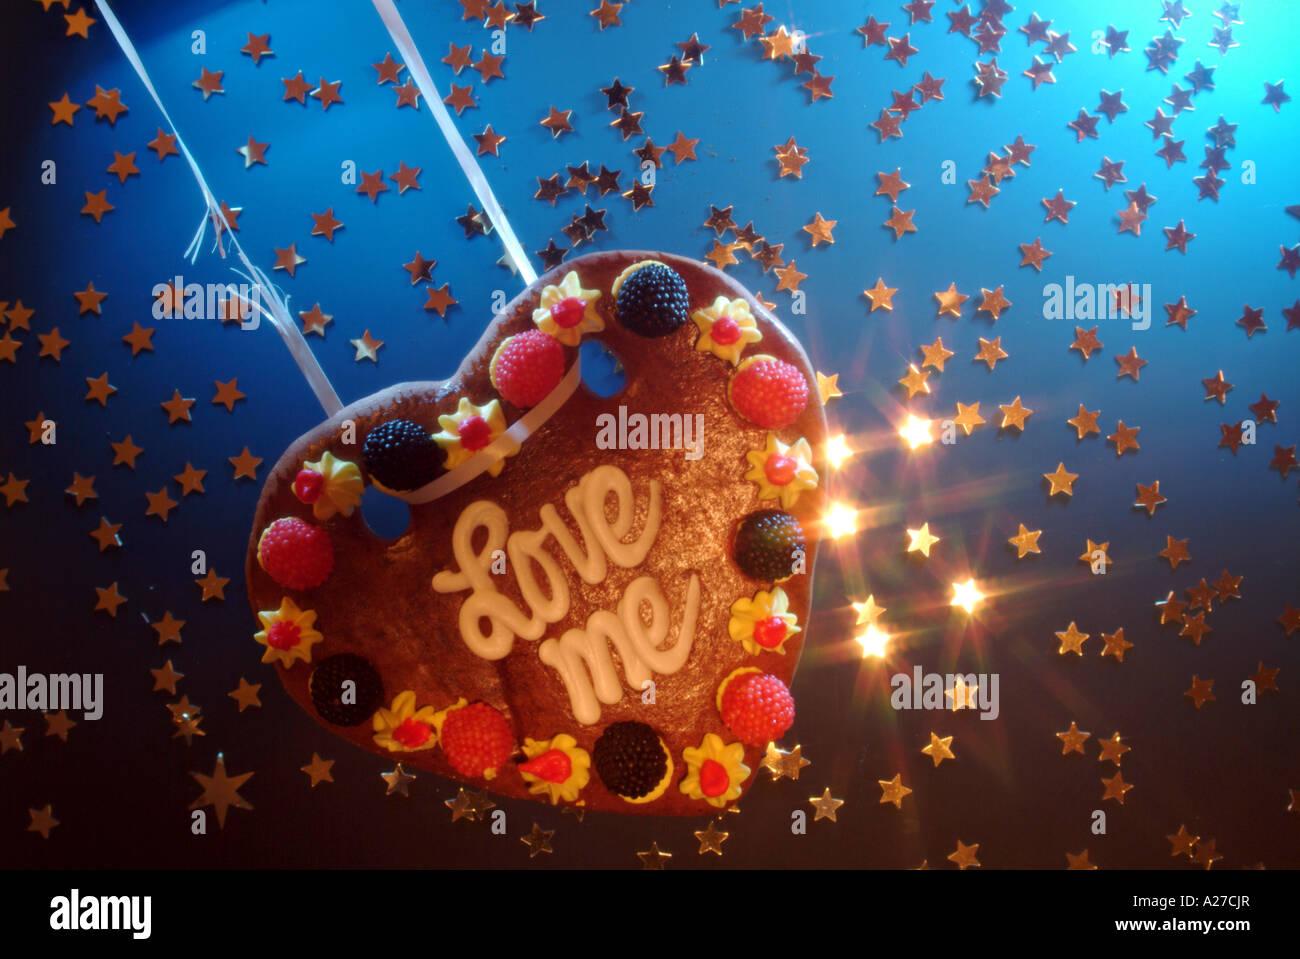 Liebe Herz gemacht von Honigkuchen schwingen auf einen defekten String in Sternen Stockbild